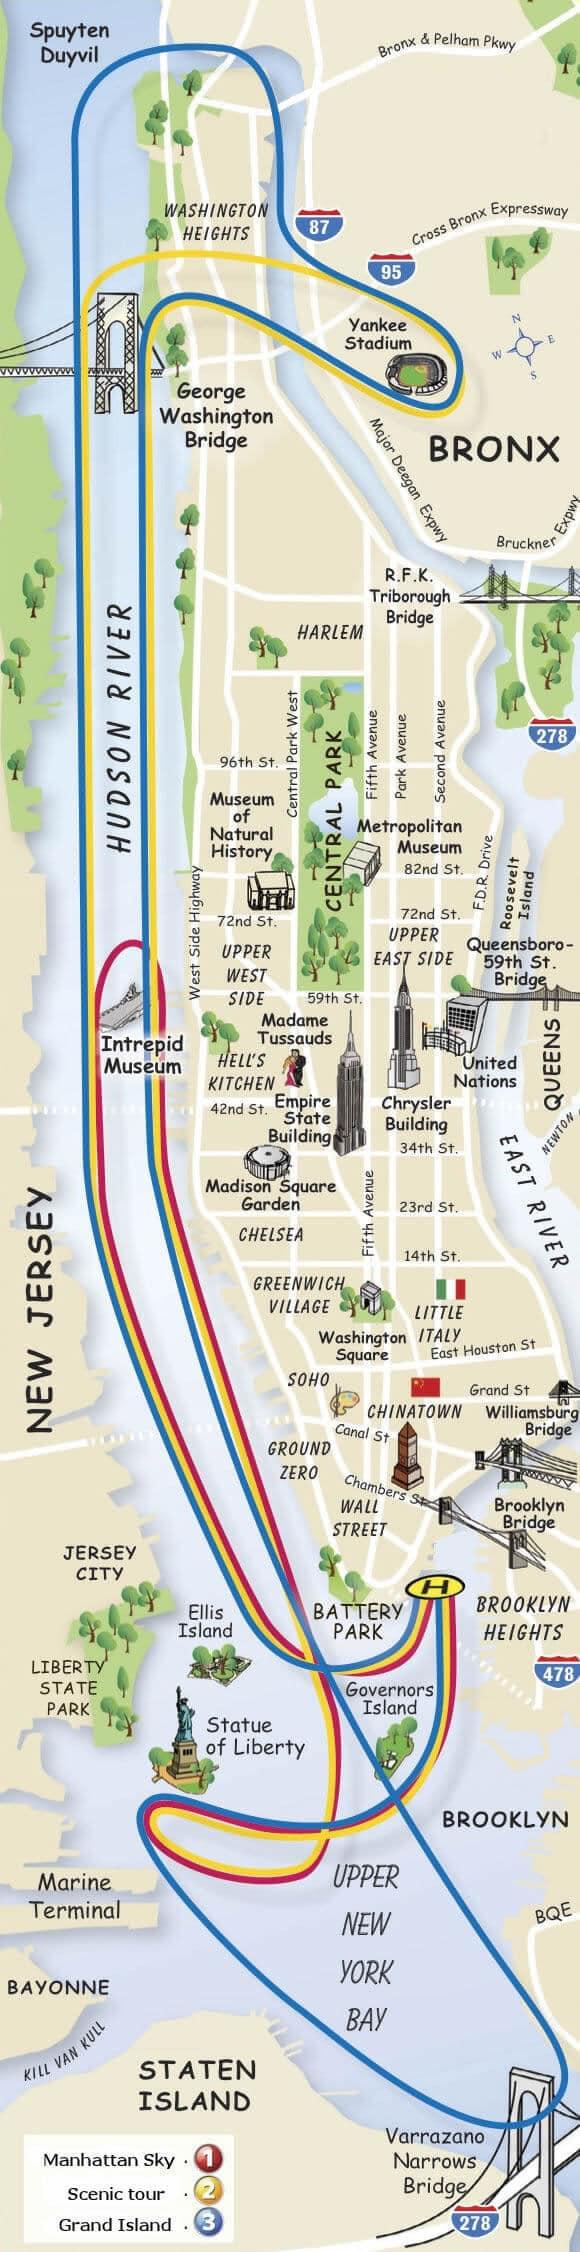 Itinéraires et tours en helicoptère à New York, carte des différents trajets et durées possibles pour survoler New York